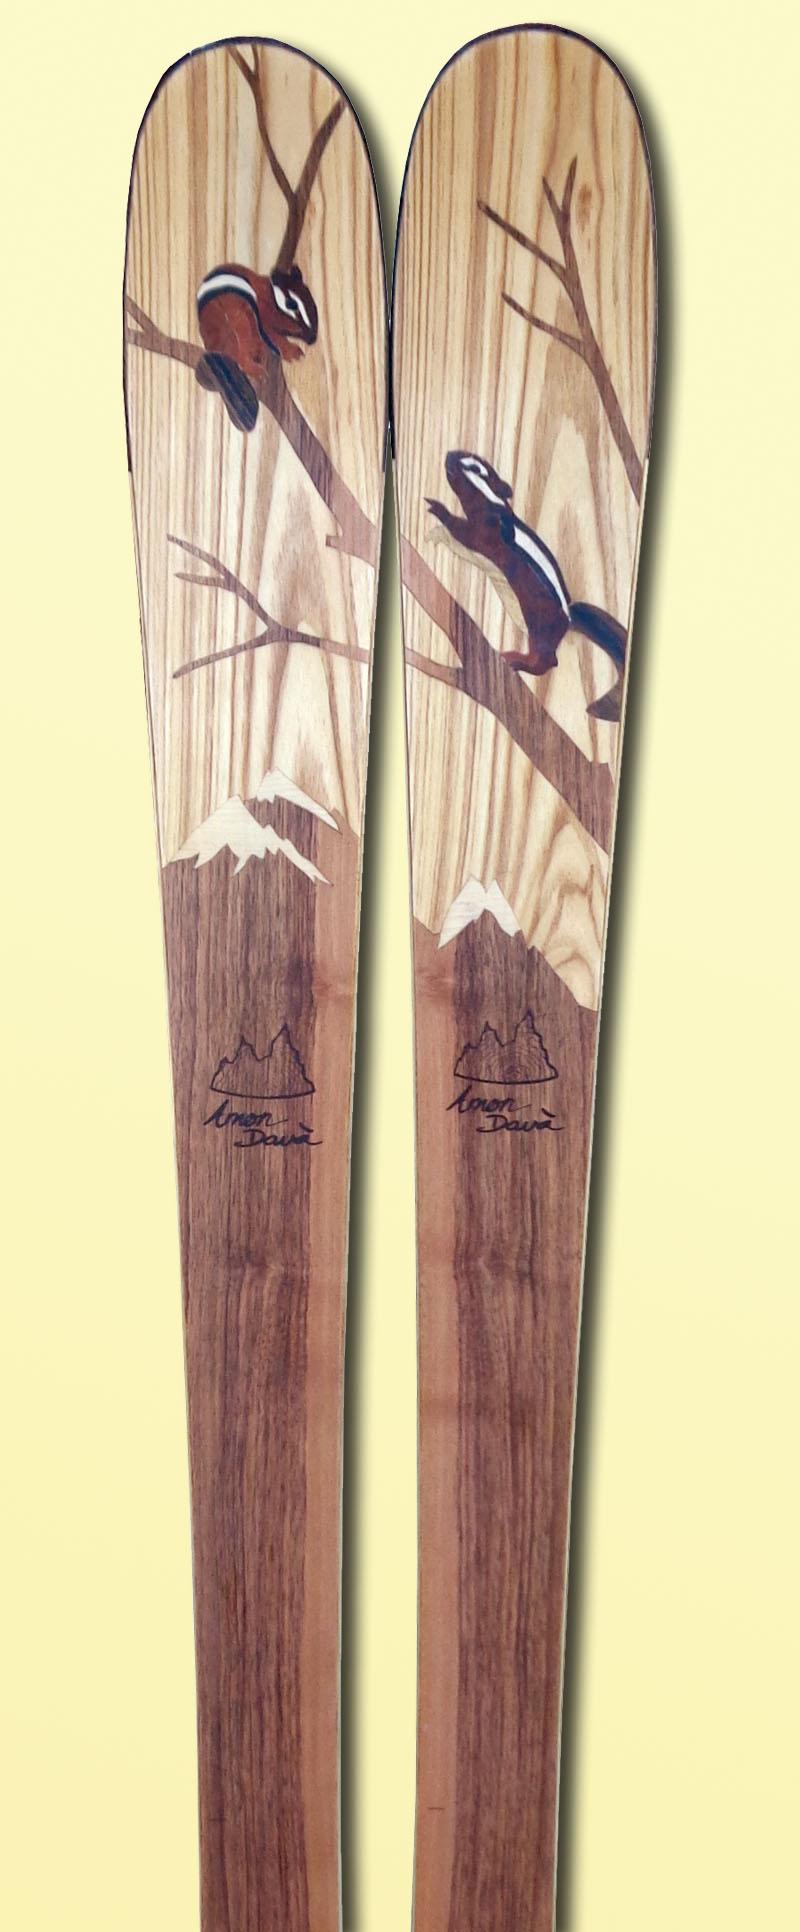 Amon Dava ski bois Chipmunk